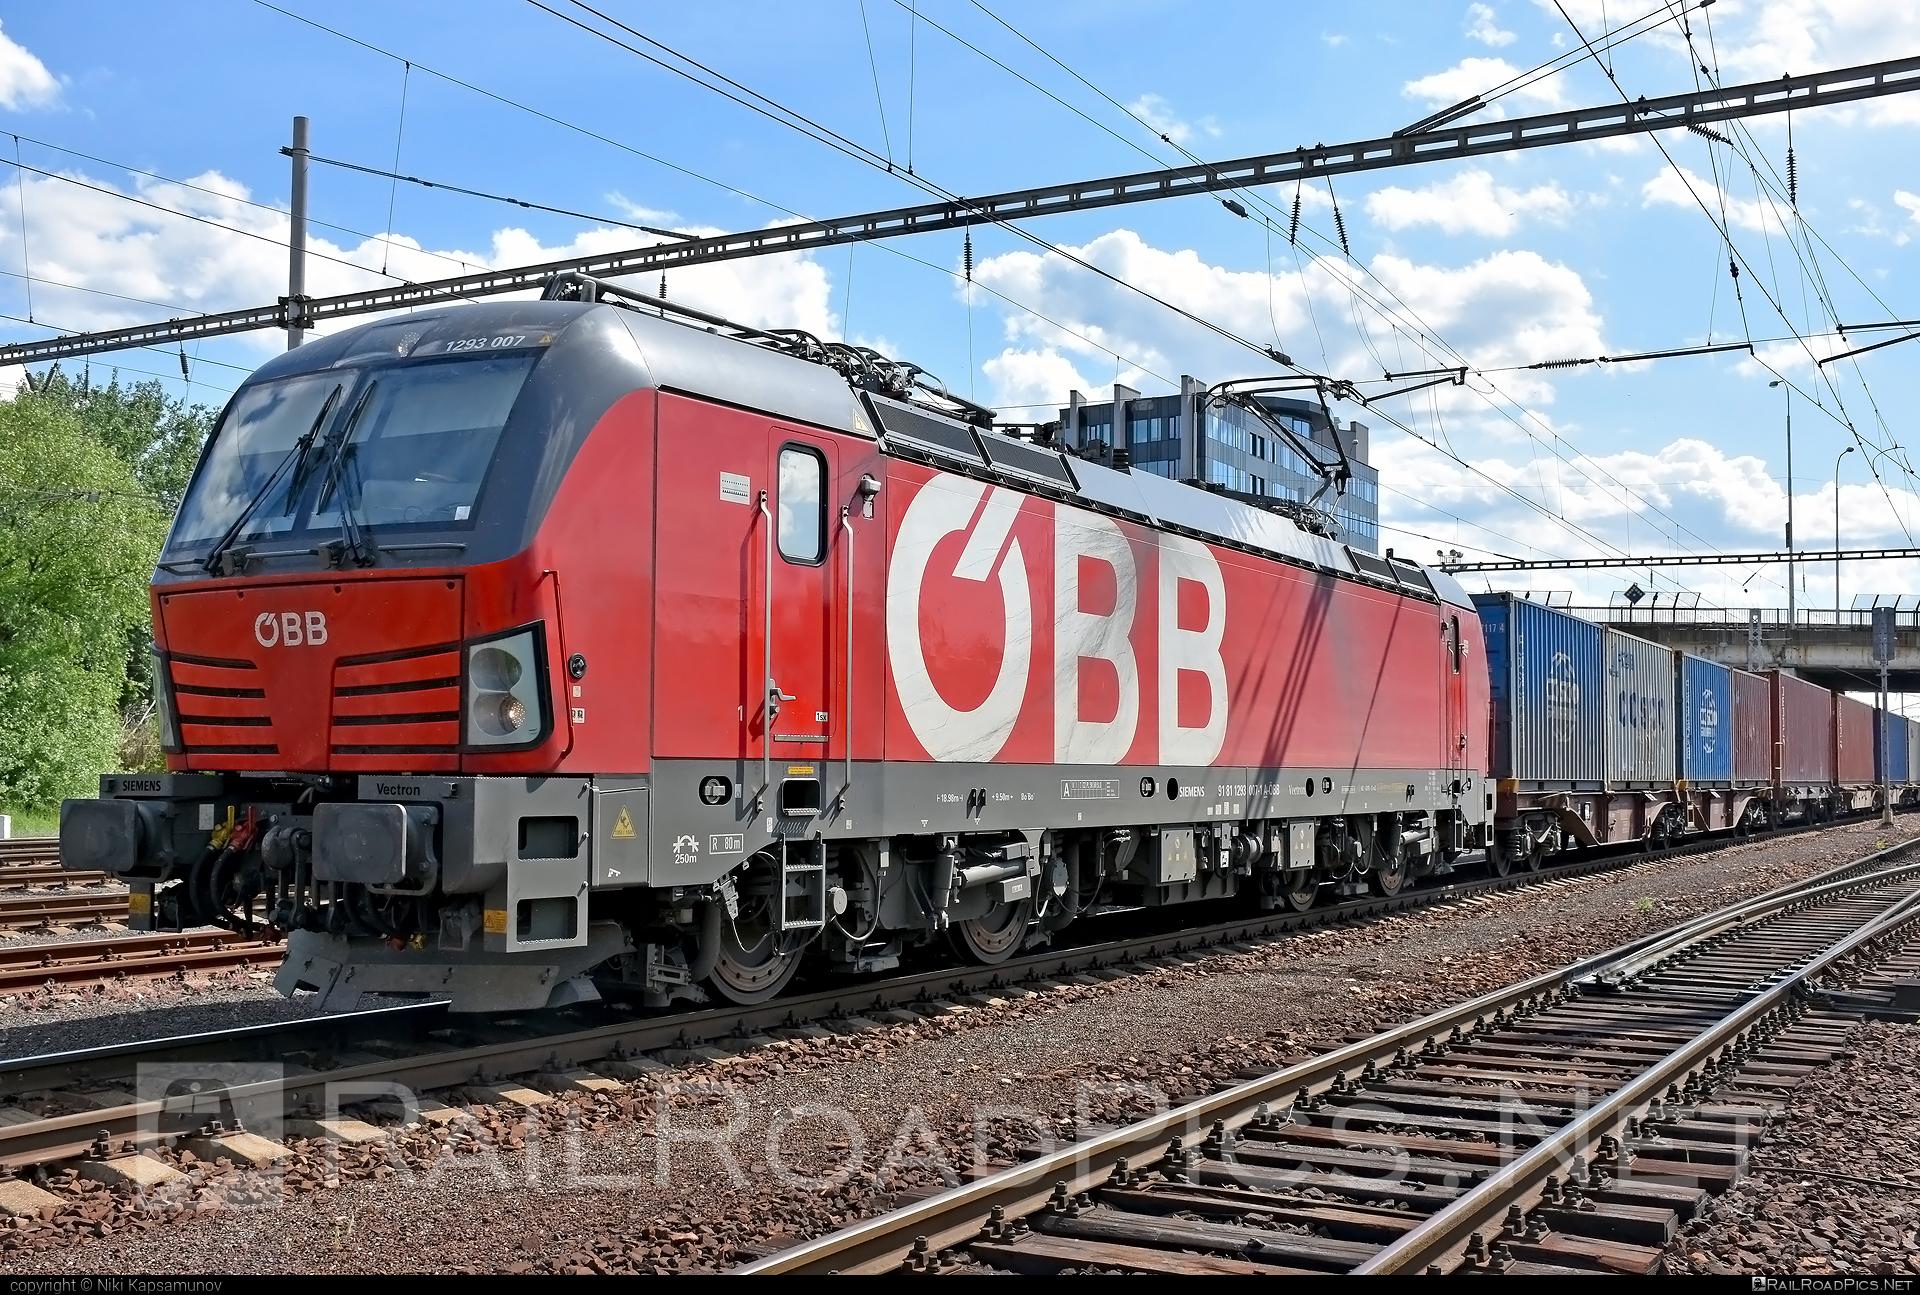 Siemens Vectron MS - 1293 007 operated by Rail Cargo Austria AG #flatwagon #obb #osterreichischebundesbahnen #rcw #siemens #siemensvectron #siemensvectronms #vectron #vectronms